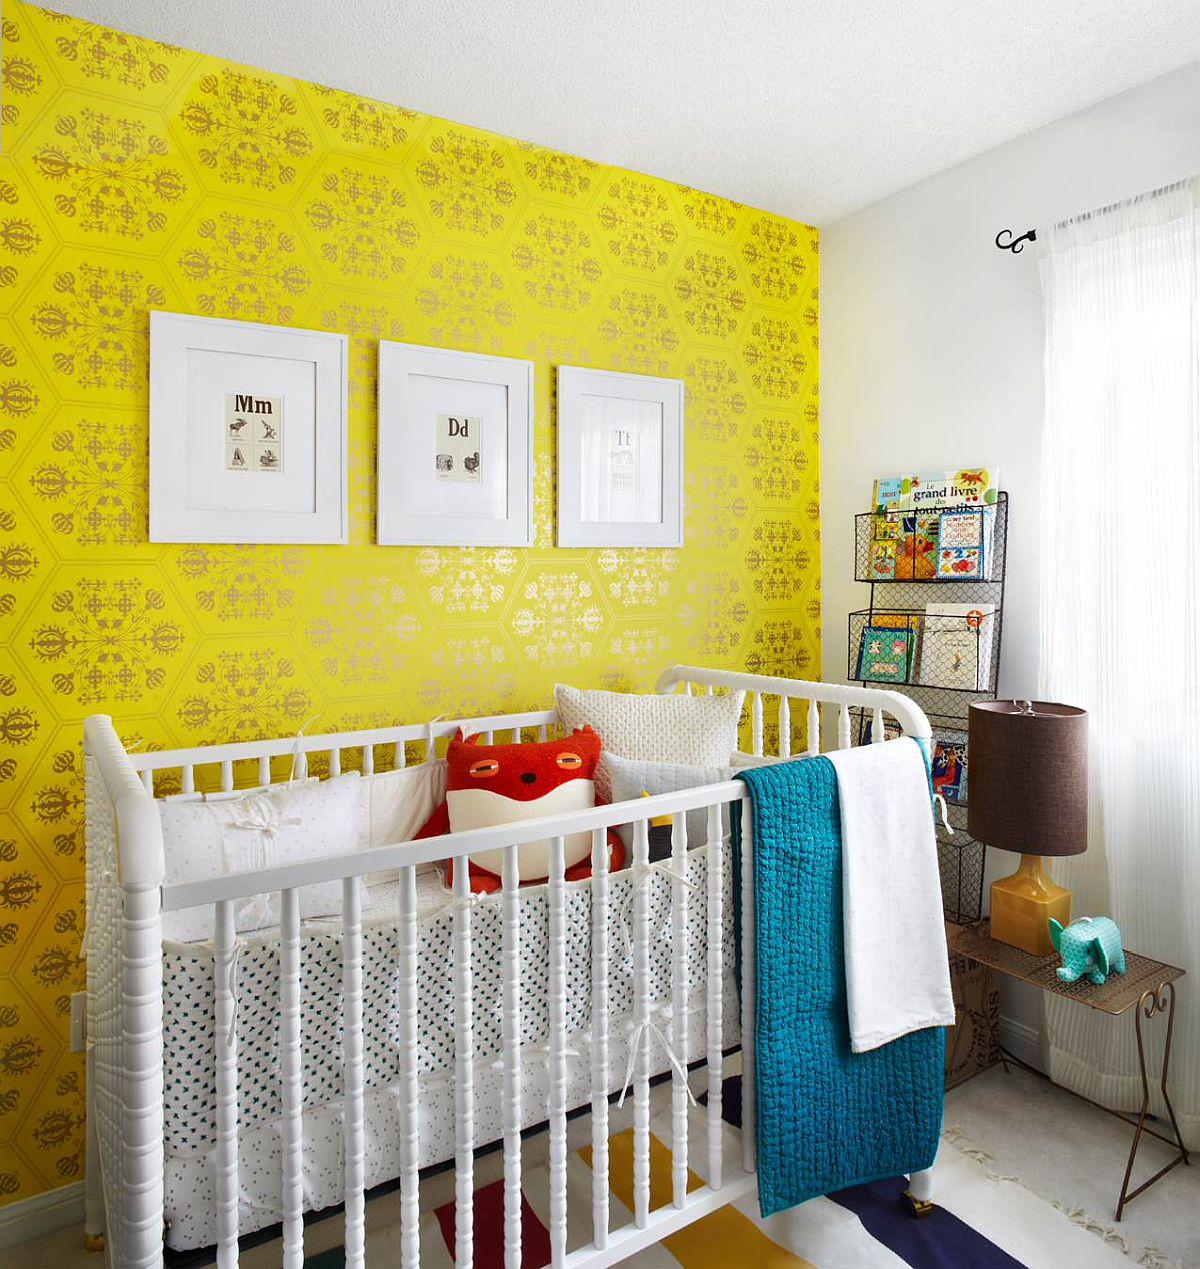 Giấy dán tường màu vàng đẹp mắt với họa tiết sang trọng cho căn phòng theo phong cách đương đại của bé trên nền màu trung tính